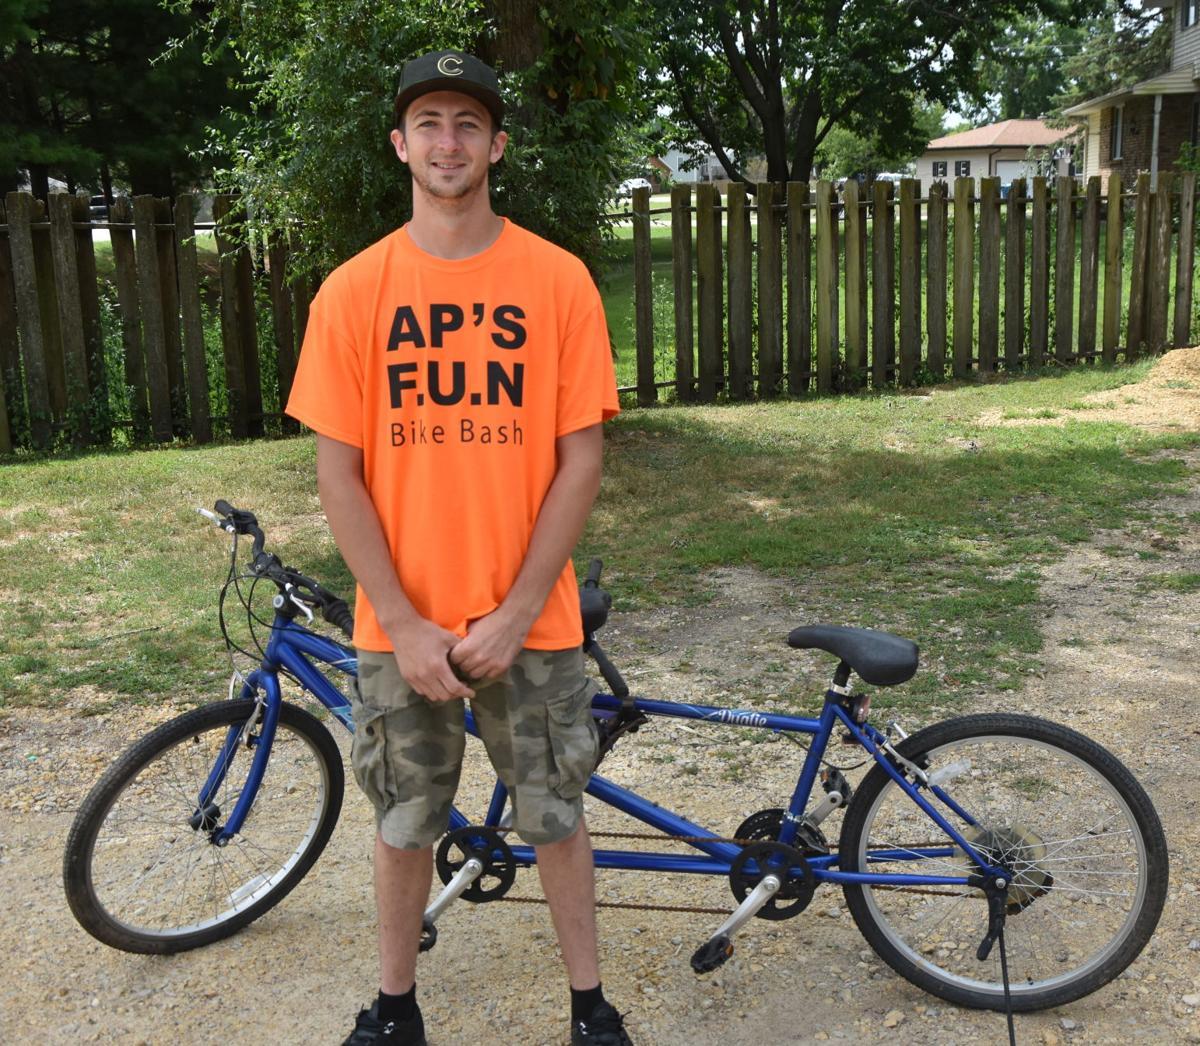 Austin Pruett, AP's Bike Bash in Camache